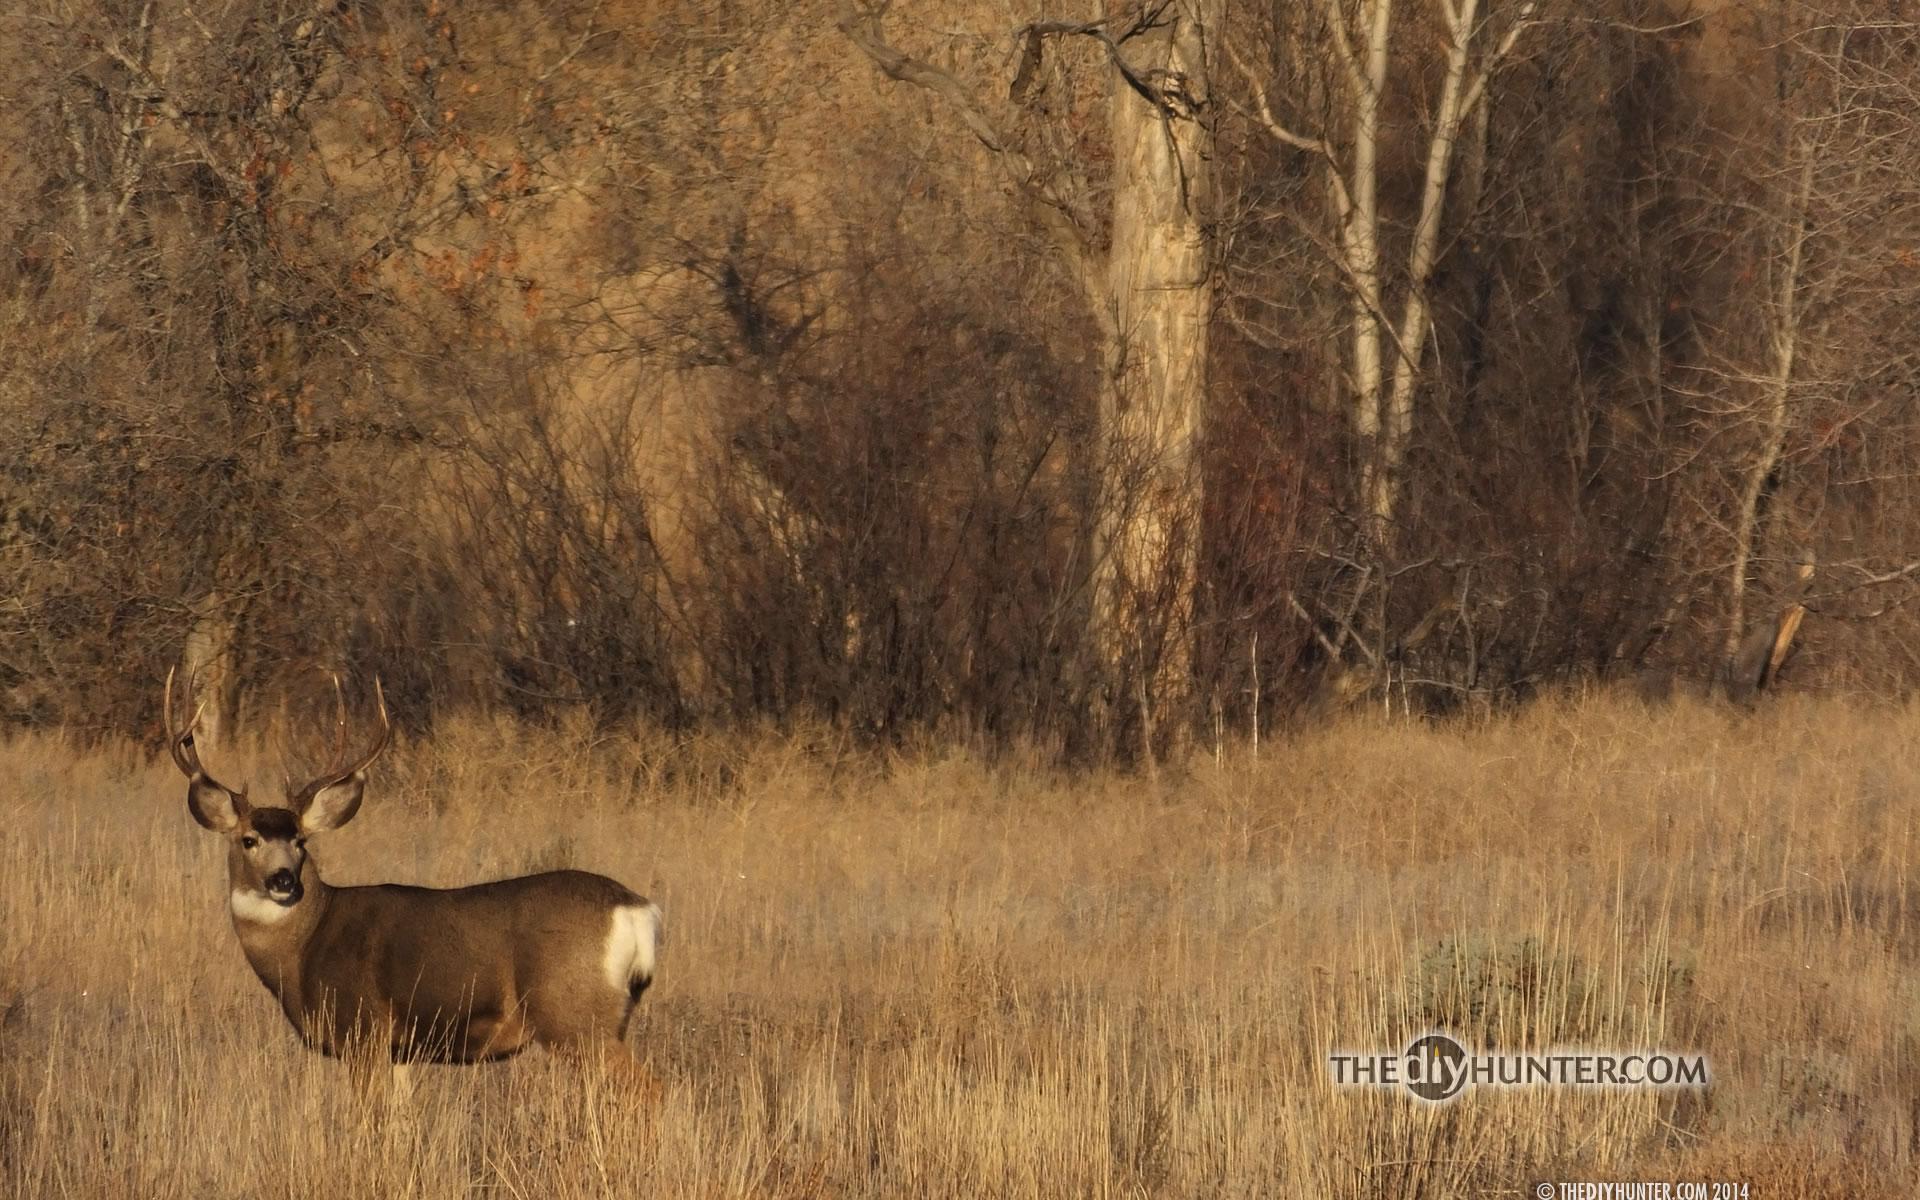 Big game hunting wallpaper wallpapersafari - Elk hunting wallpaper ...